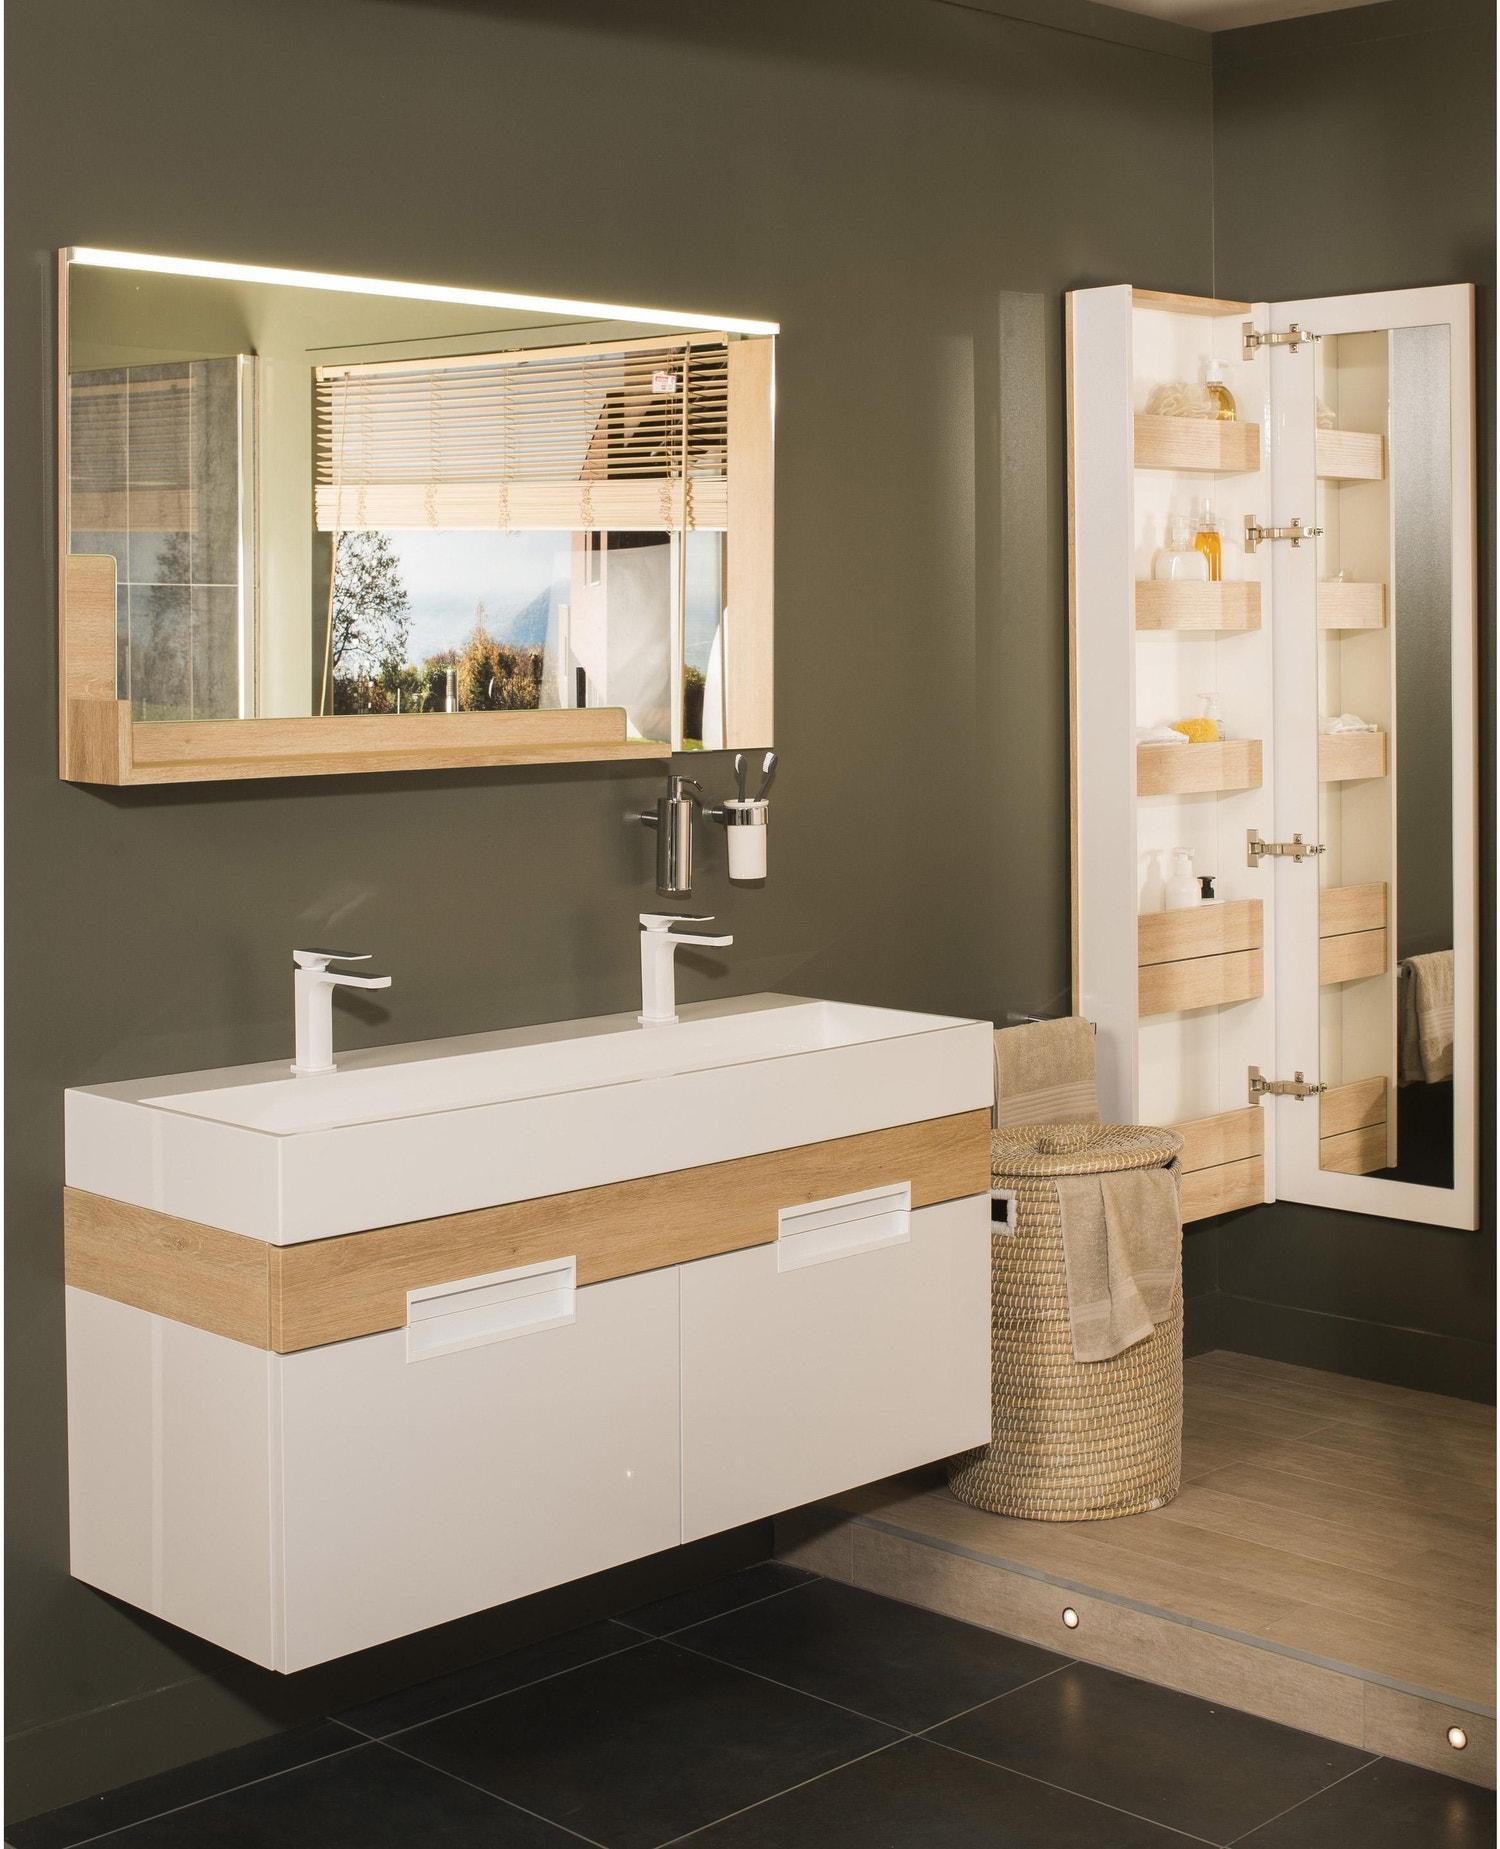 Evier Meuble Salle De Bain meuble de salle de bains double vasque, eden